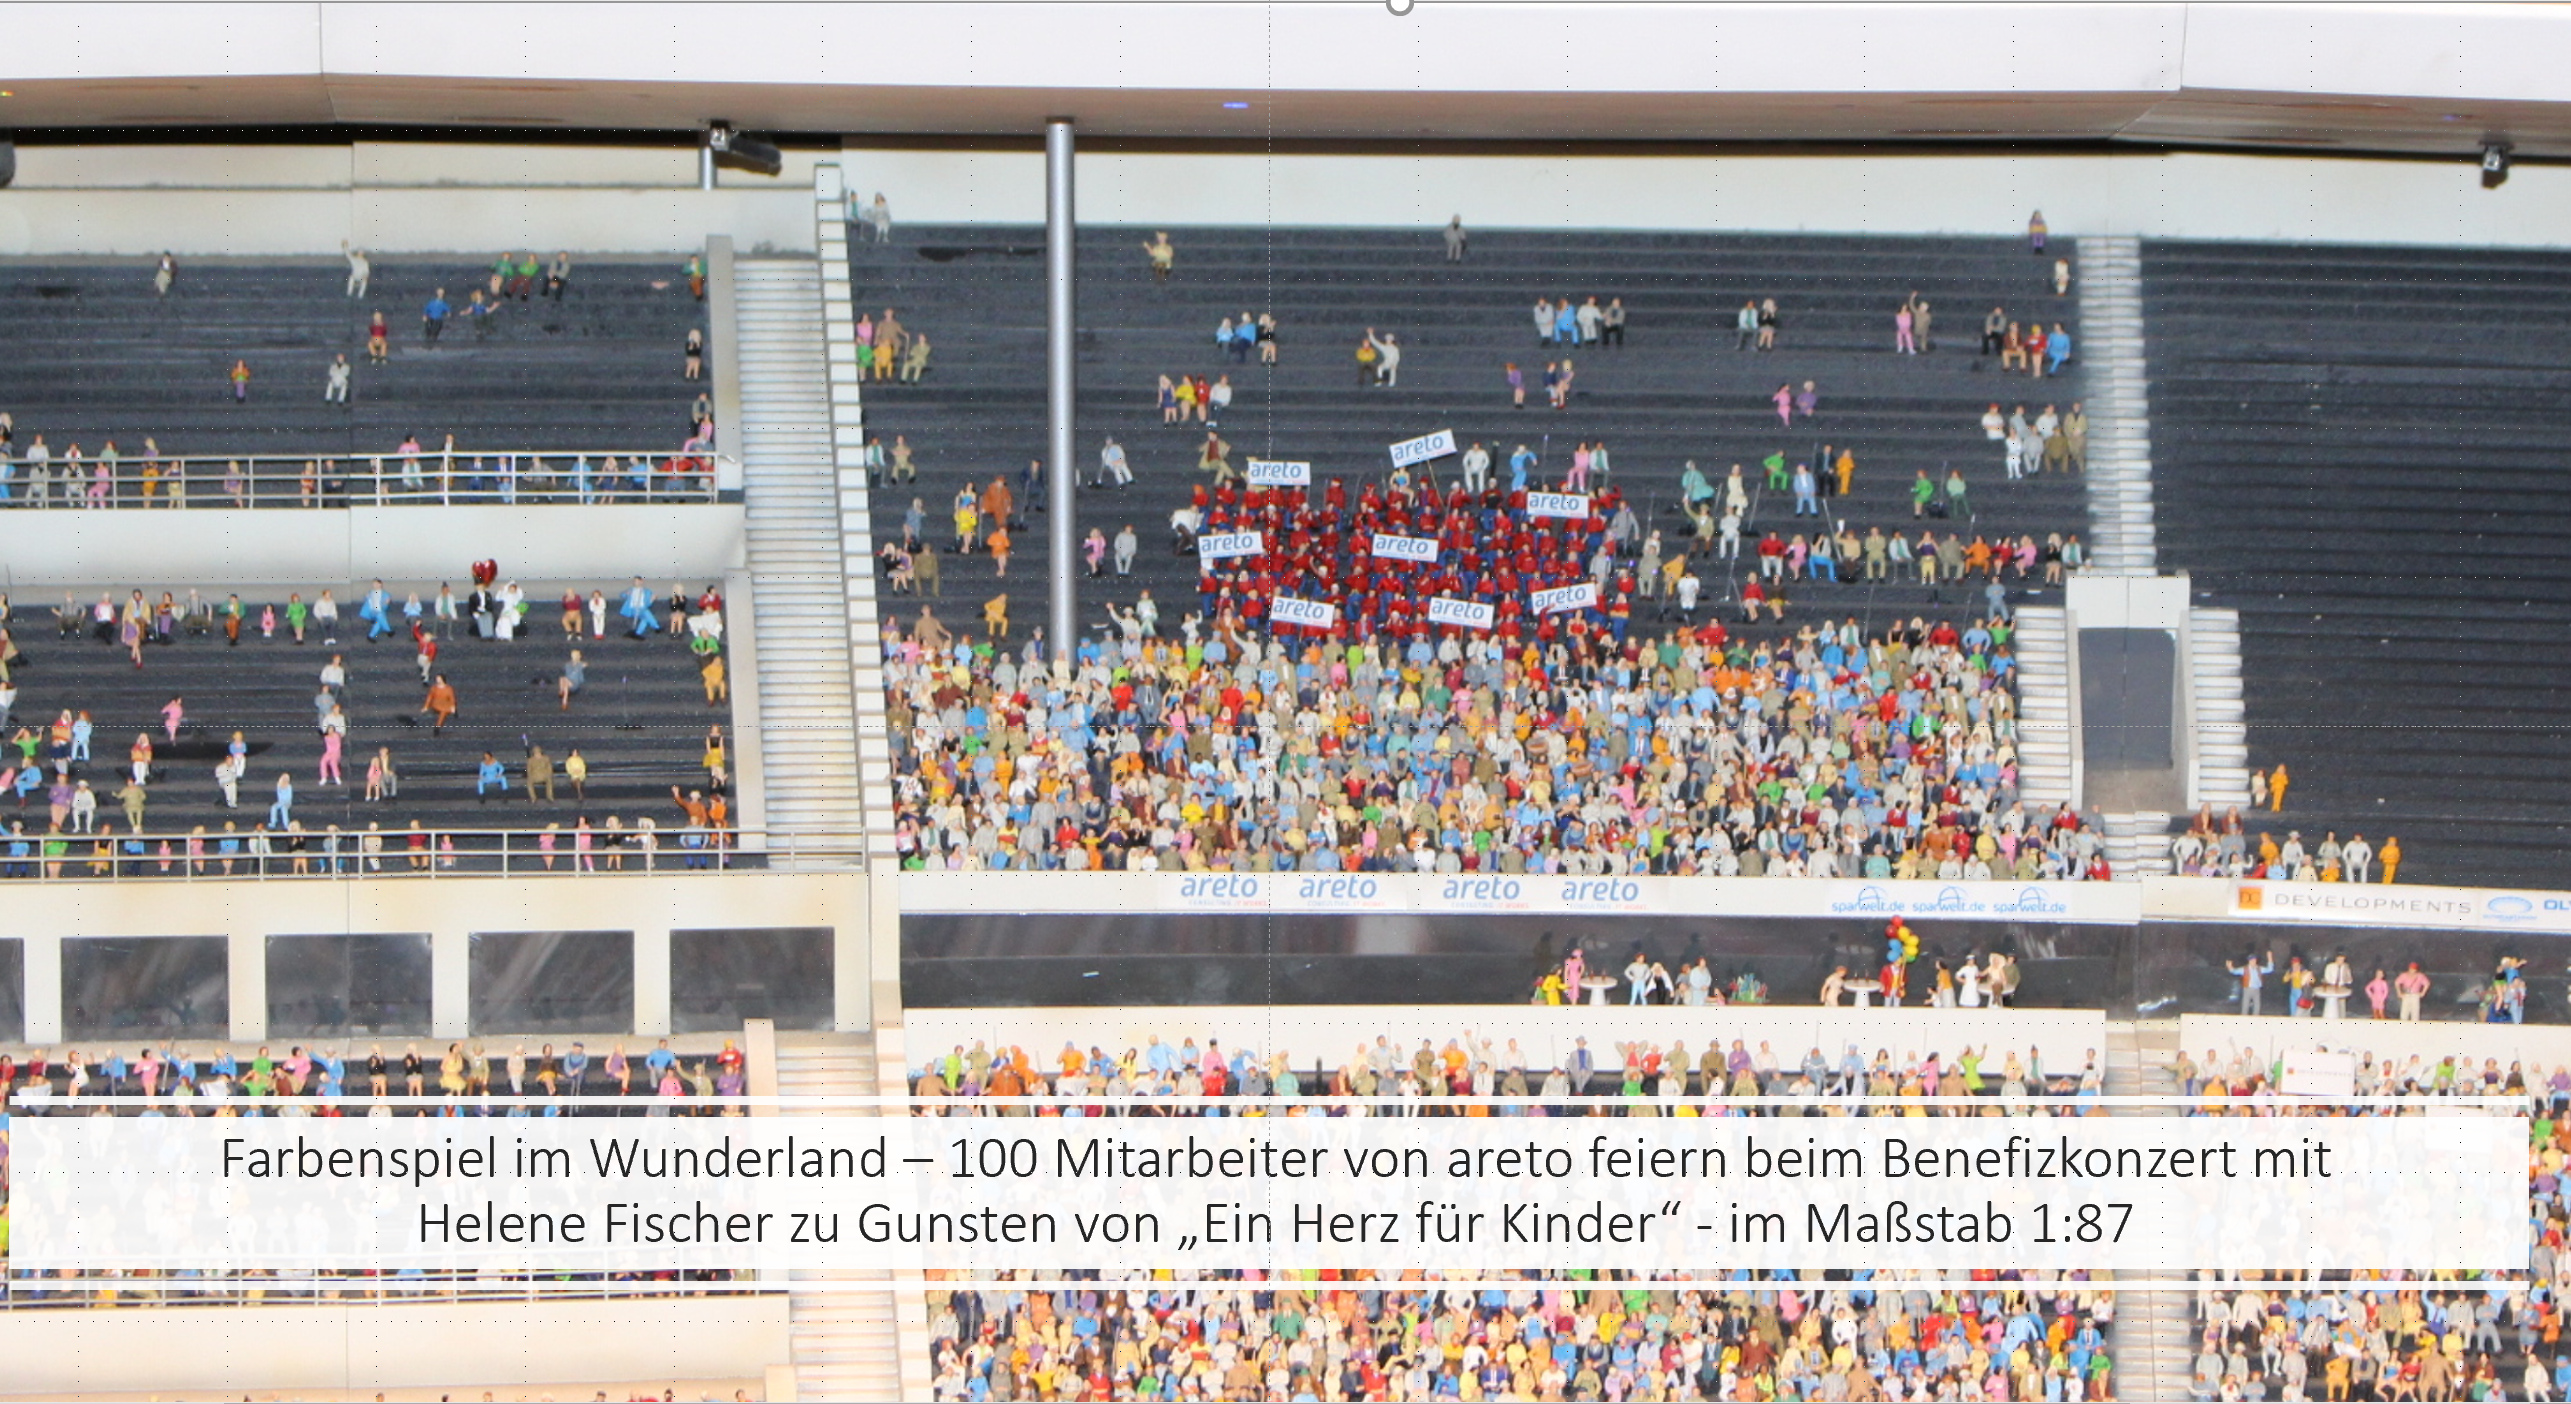 areto-Miniatur-Wunderland-Helene-Fischer-Benefizkonzert